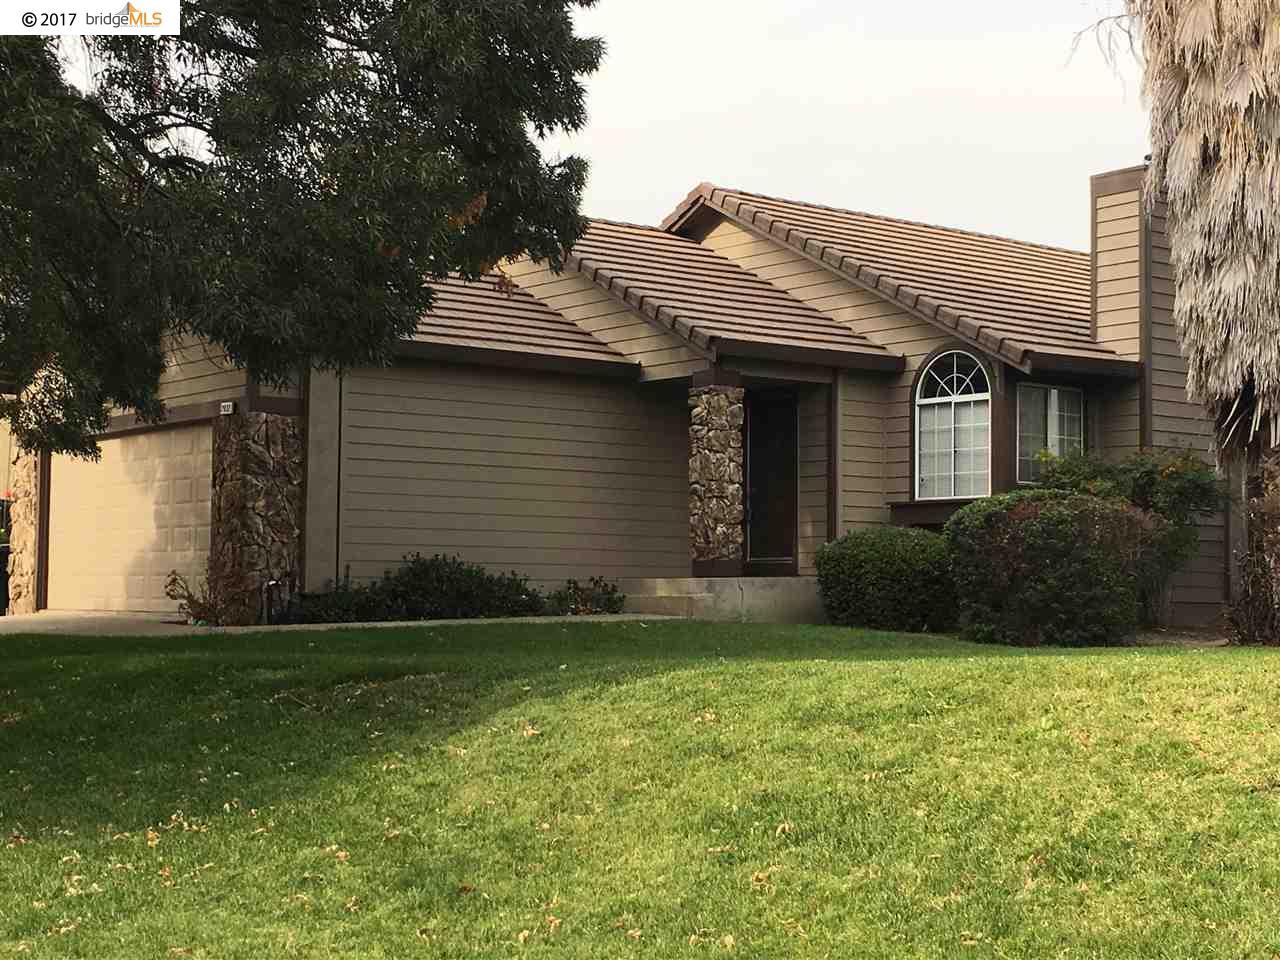 Частный односемейный дом для того Продажа на 2032 Johnson Drive 2032 Johnson Drive Antioch, Калифорния 94509 Соединенные Штаты